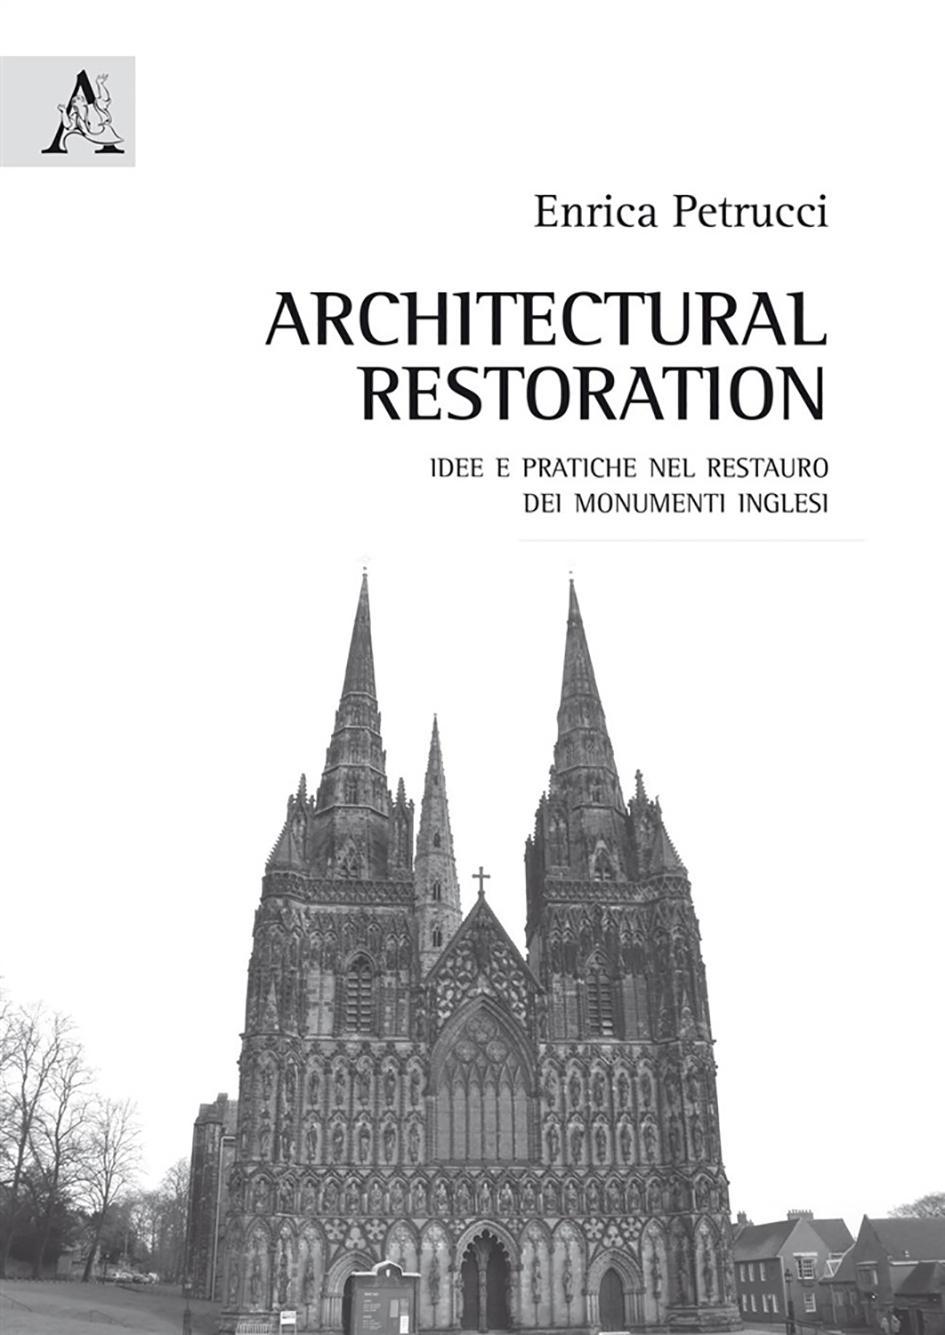 Architectural Restoration. Idee e pratiche nel restauro dei monumenti inglesi di Enrica Petrucci